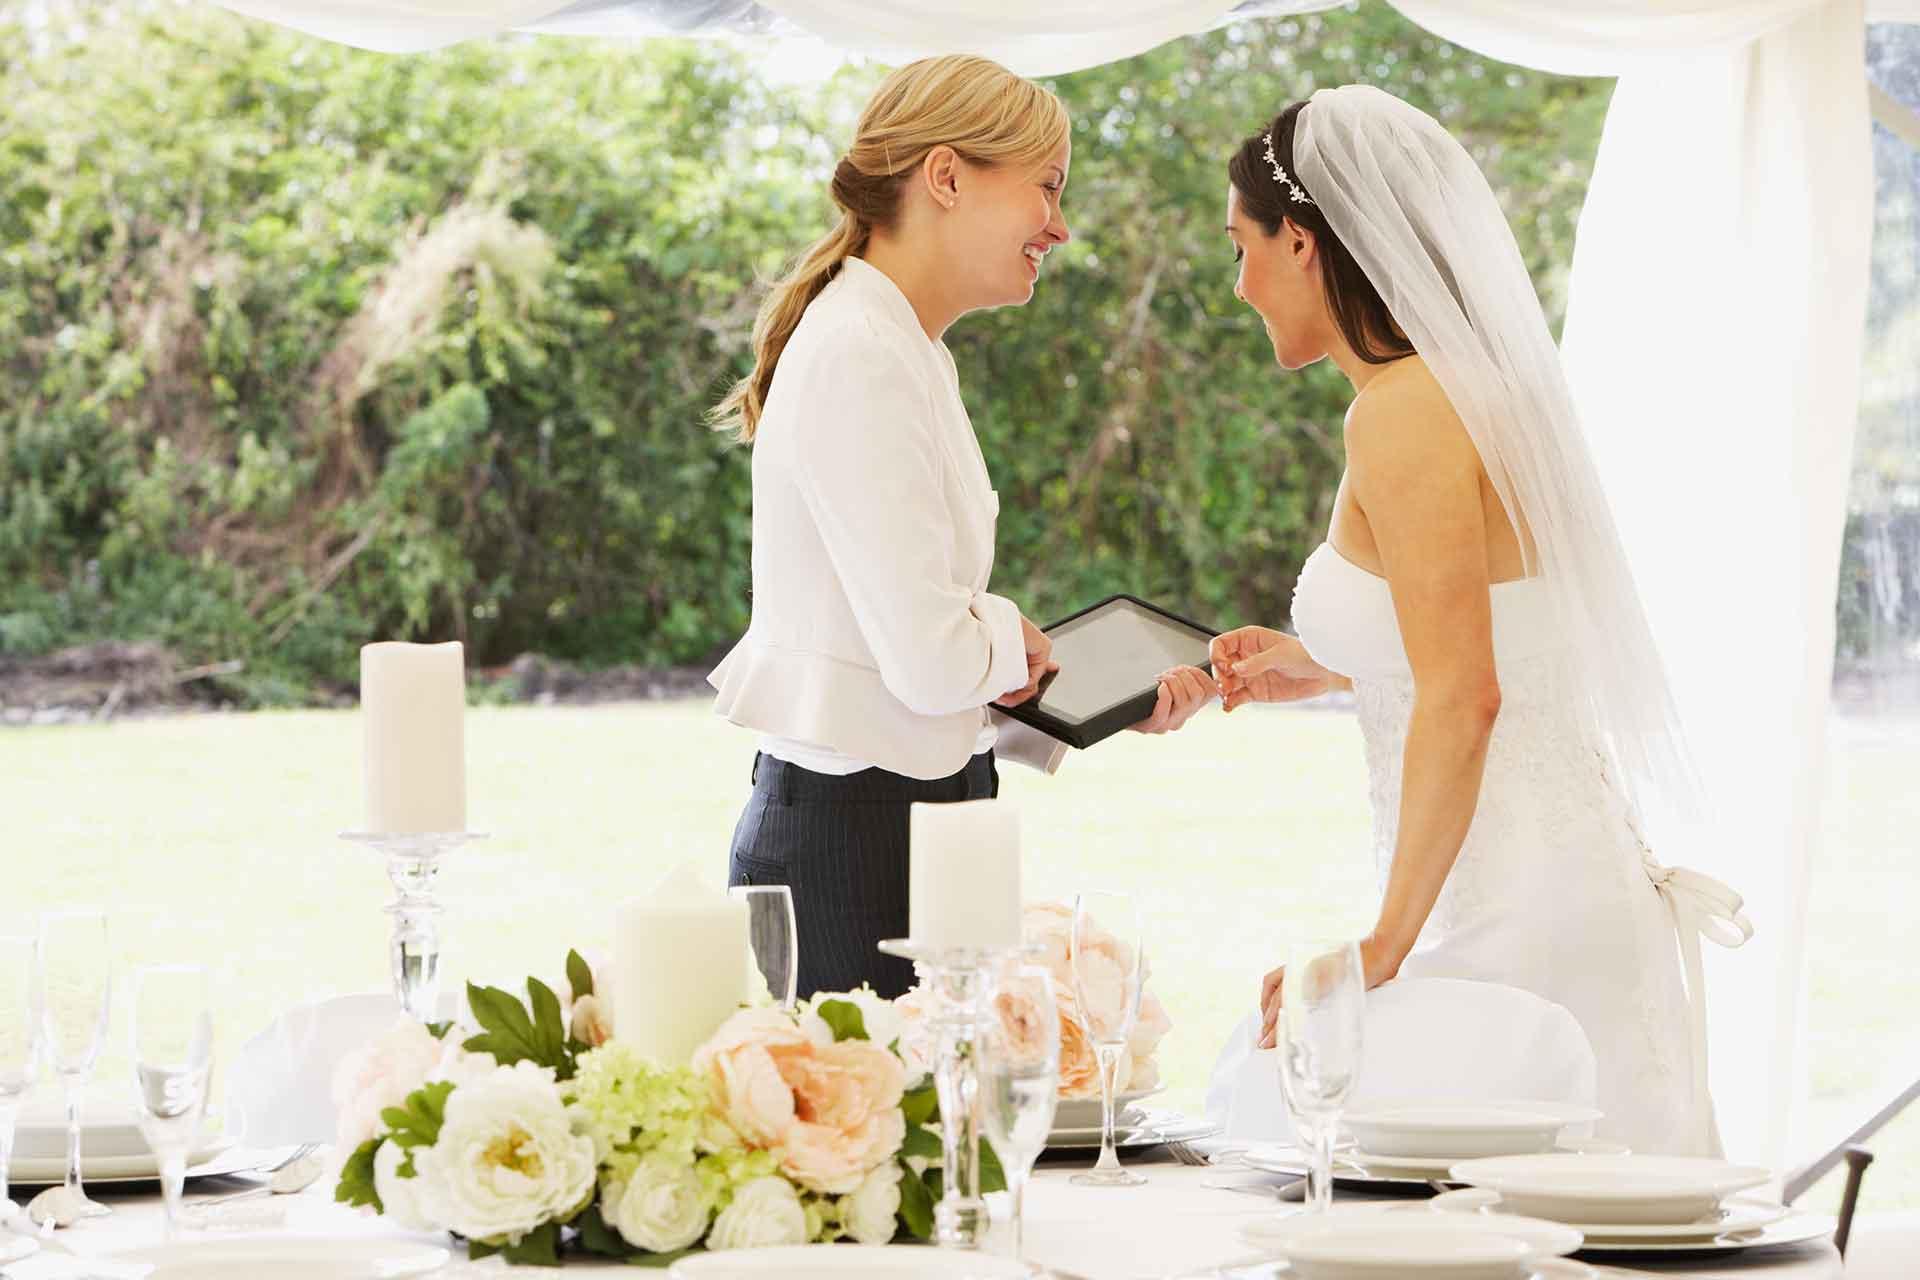 weddings_in_croatia_wedding_design_luxury_decoraton_wedding_planner_antropoti_luxury_weddings9-18